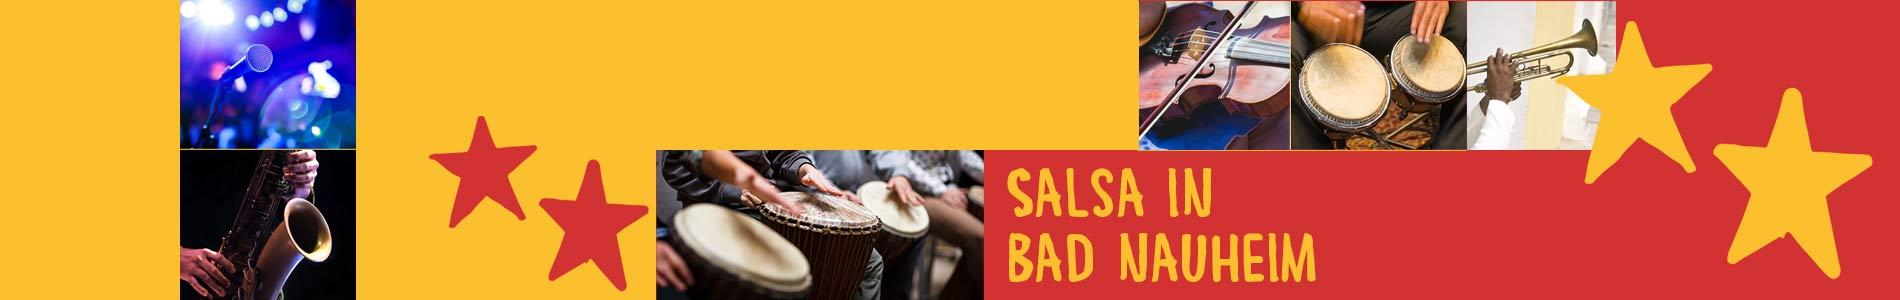 Salsa in Bad Nauheim – Salsa lernen und tanzen, Tanzkurse, Partys, Veranstaltungen